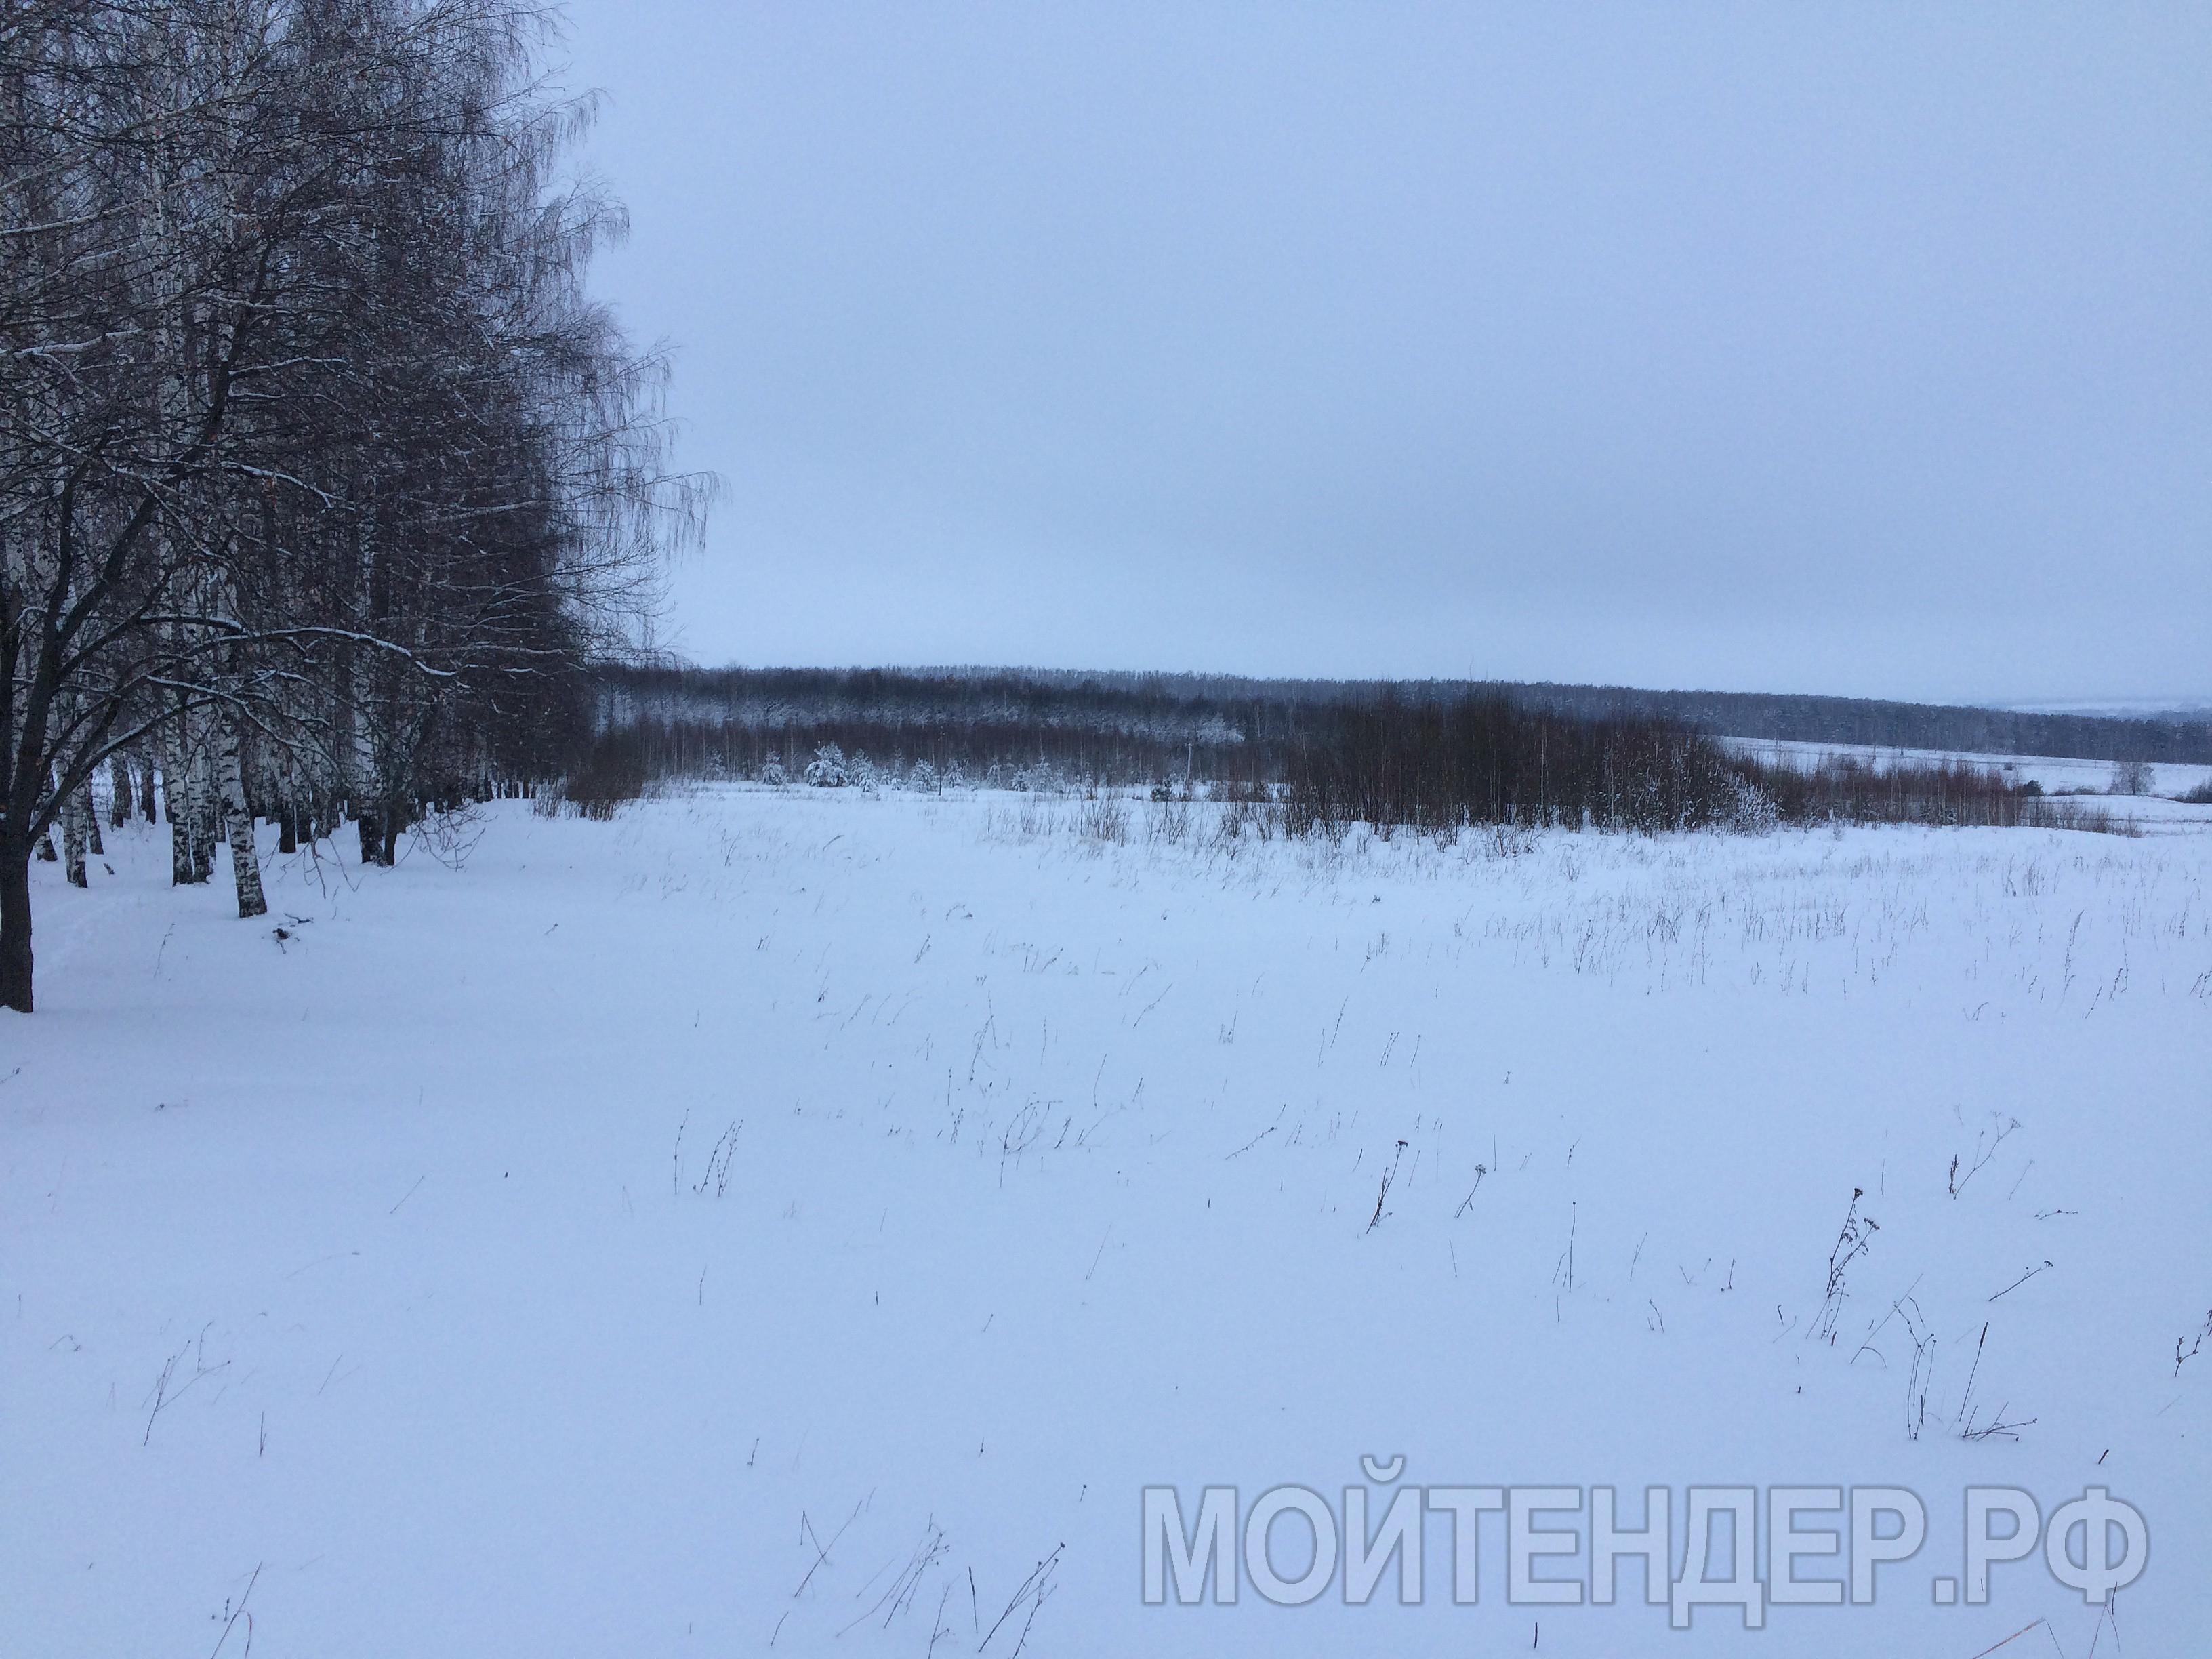 Мойтендер.рф-576-16-11267: Фото 1